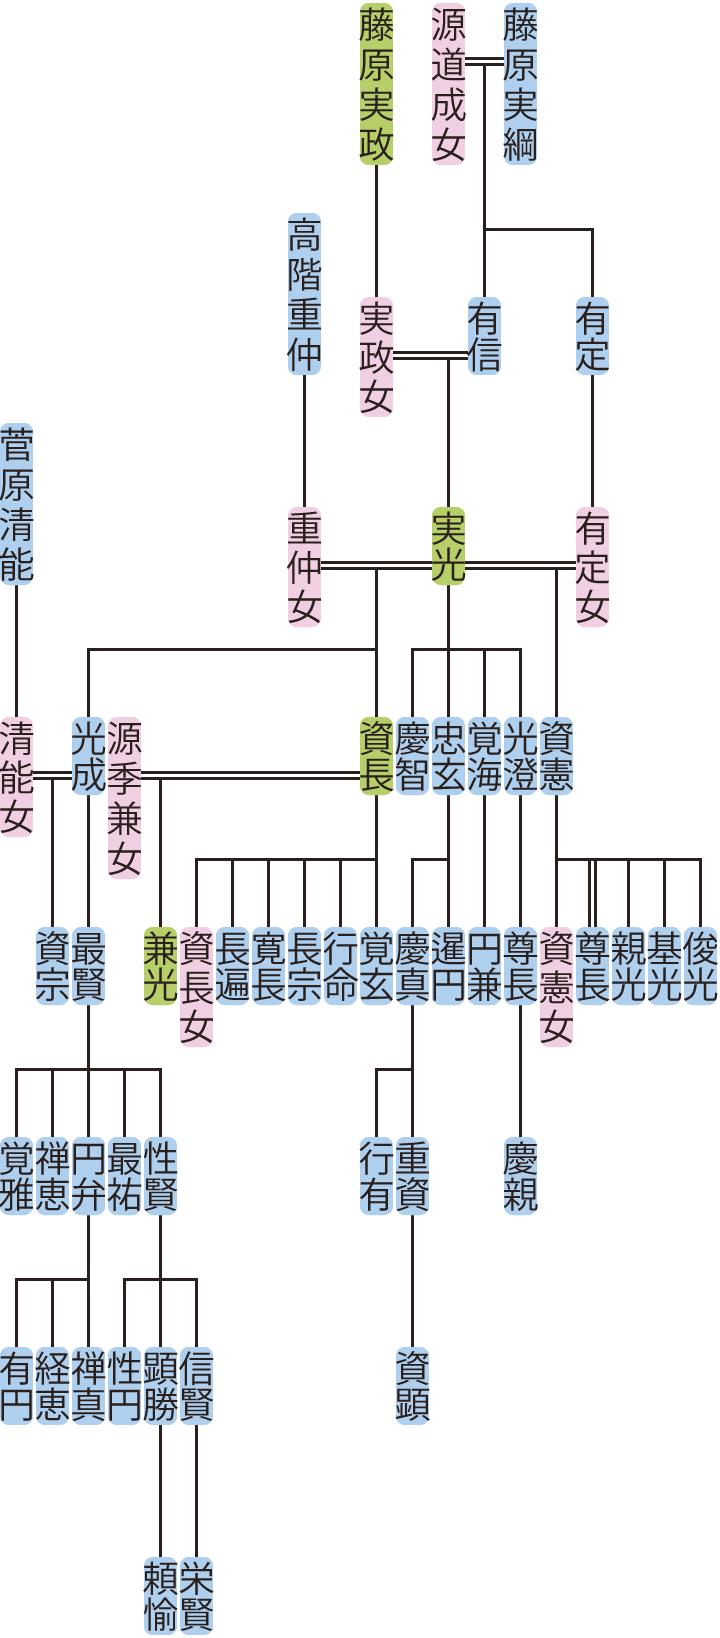 藤原実光の系図